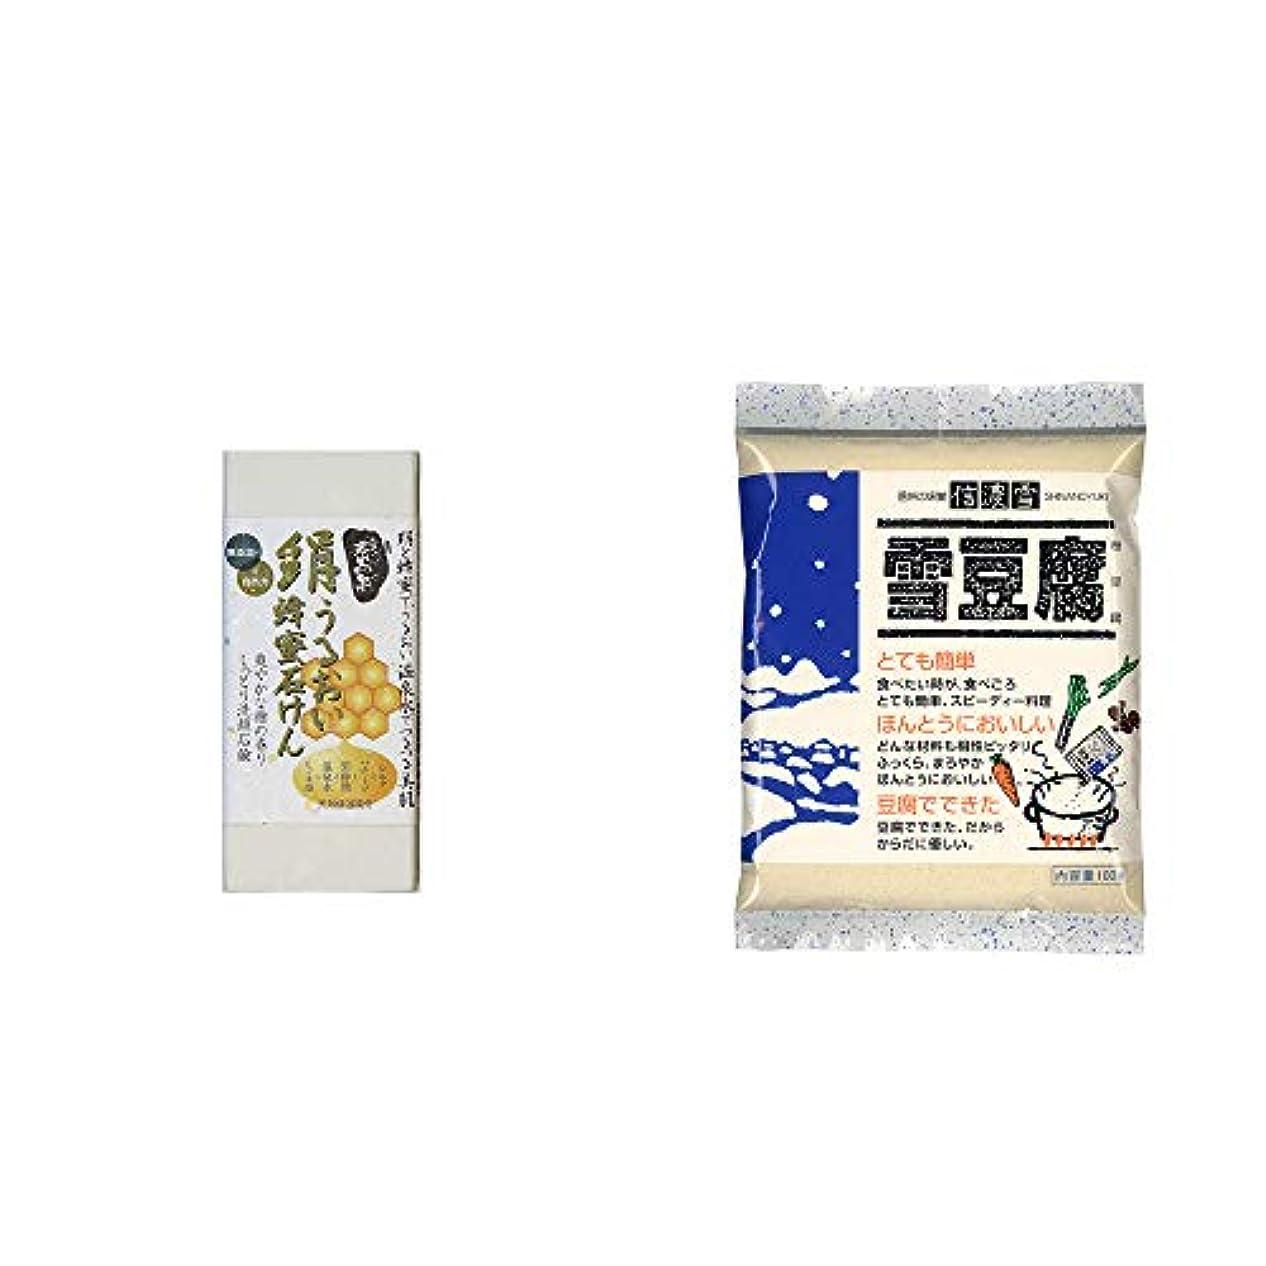 許容舞い上がる粘り強い[2点セット] ひのき炭黒泉 絹うるおい蜂蜜石けん(75g×2)?信濃雪 雪豆腐(粉豆腐)(100g)